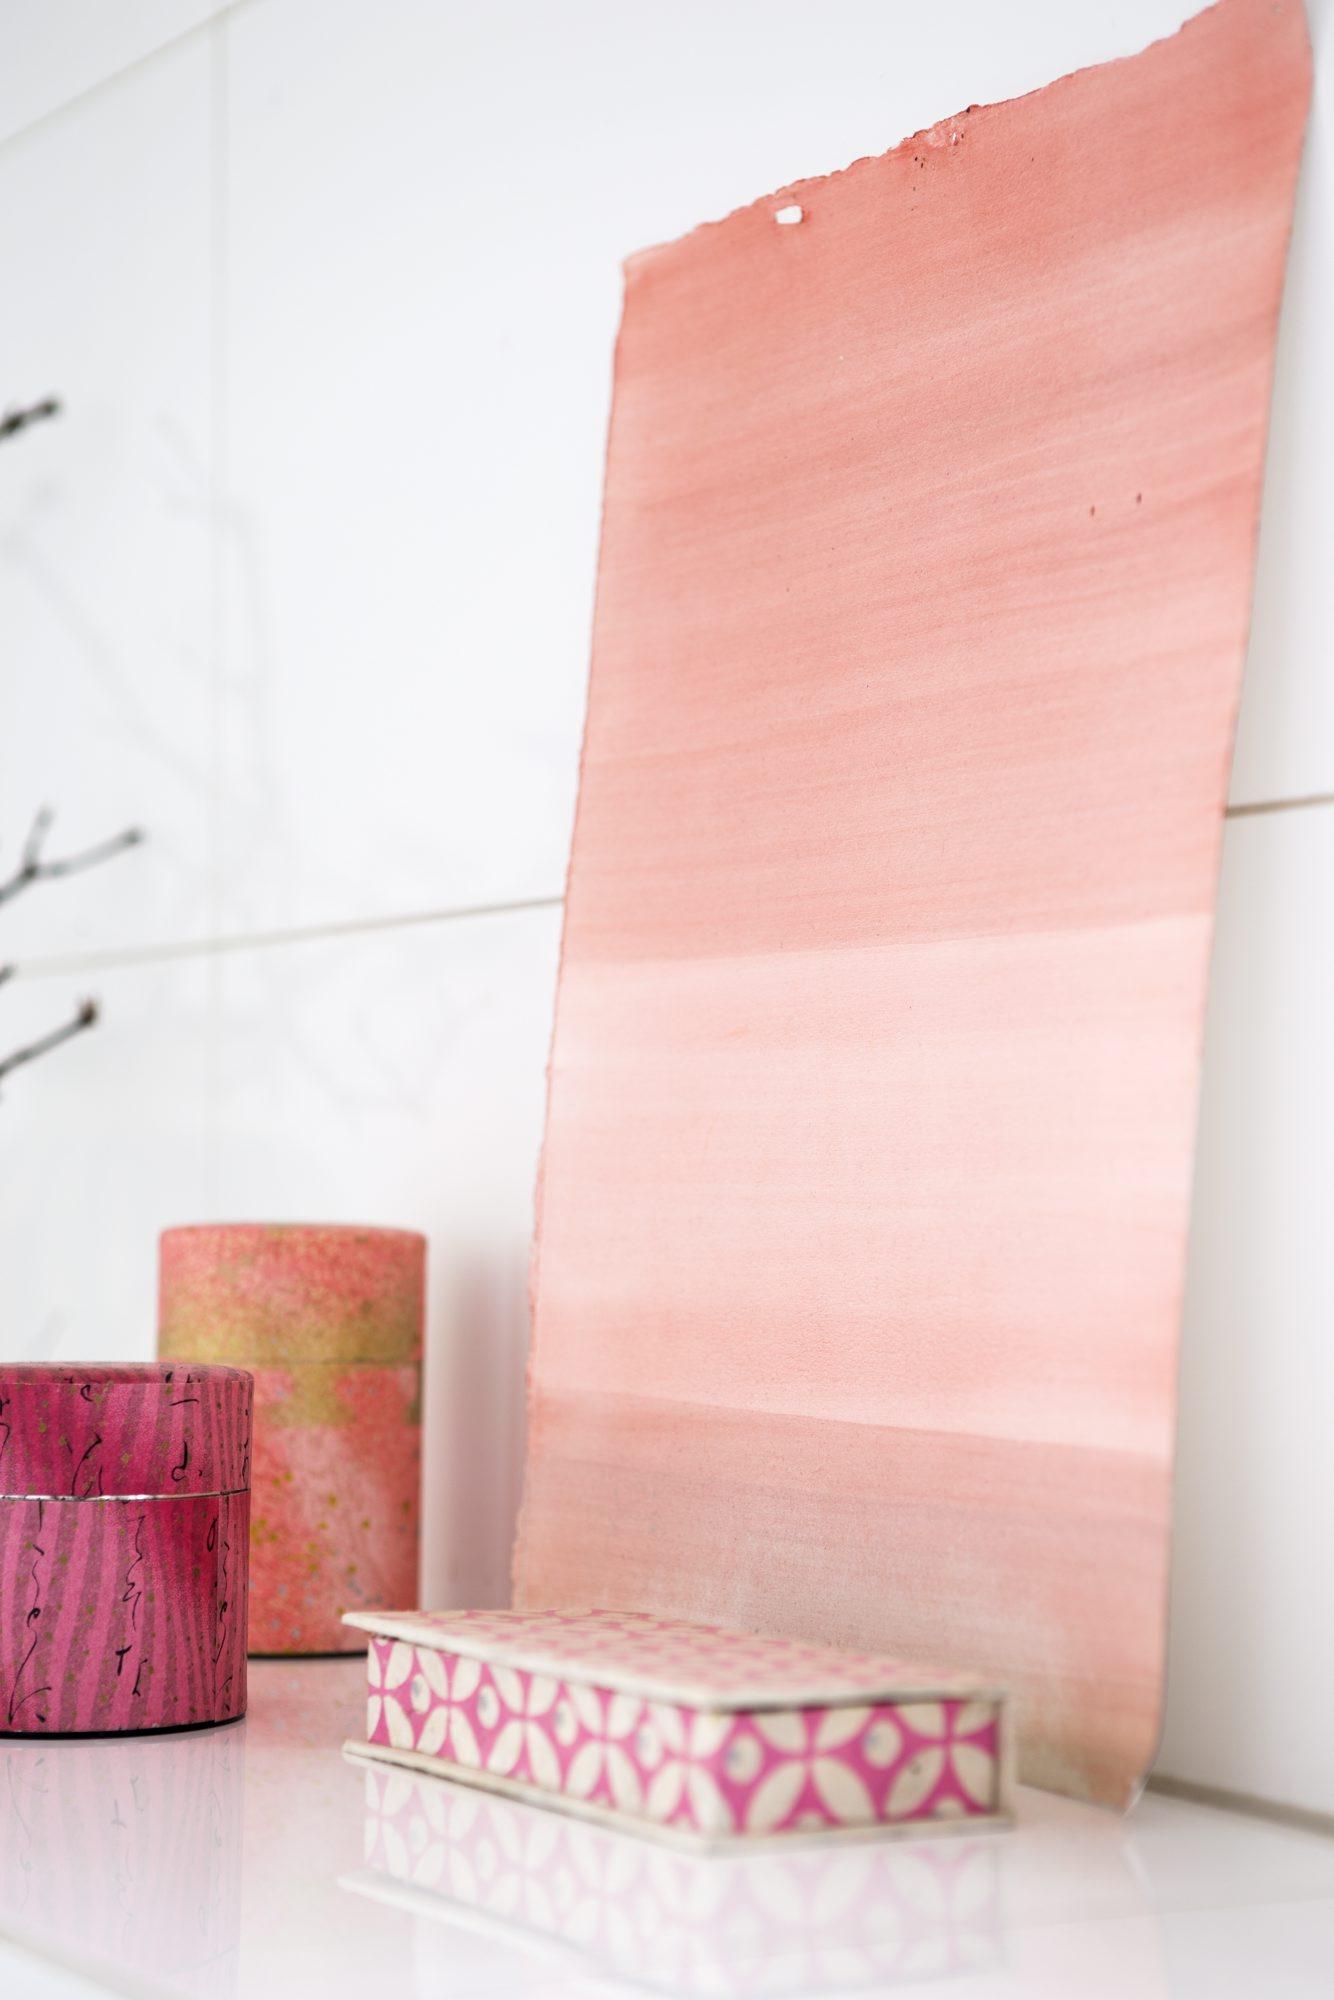 ROSA DETALJER: Tebokser fra Taeko og en akvarell malt passer fint inn i det lyserøde fargetemaet. FOTO: Tia Borgsmidt